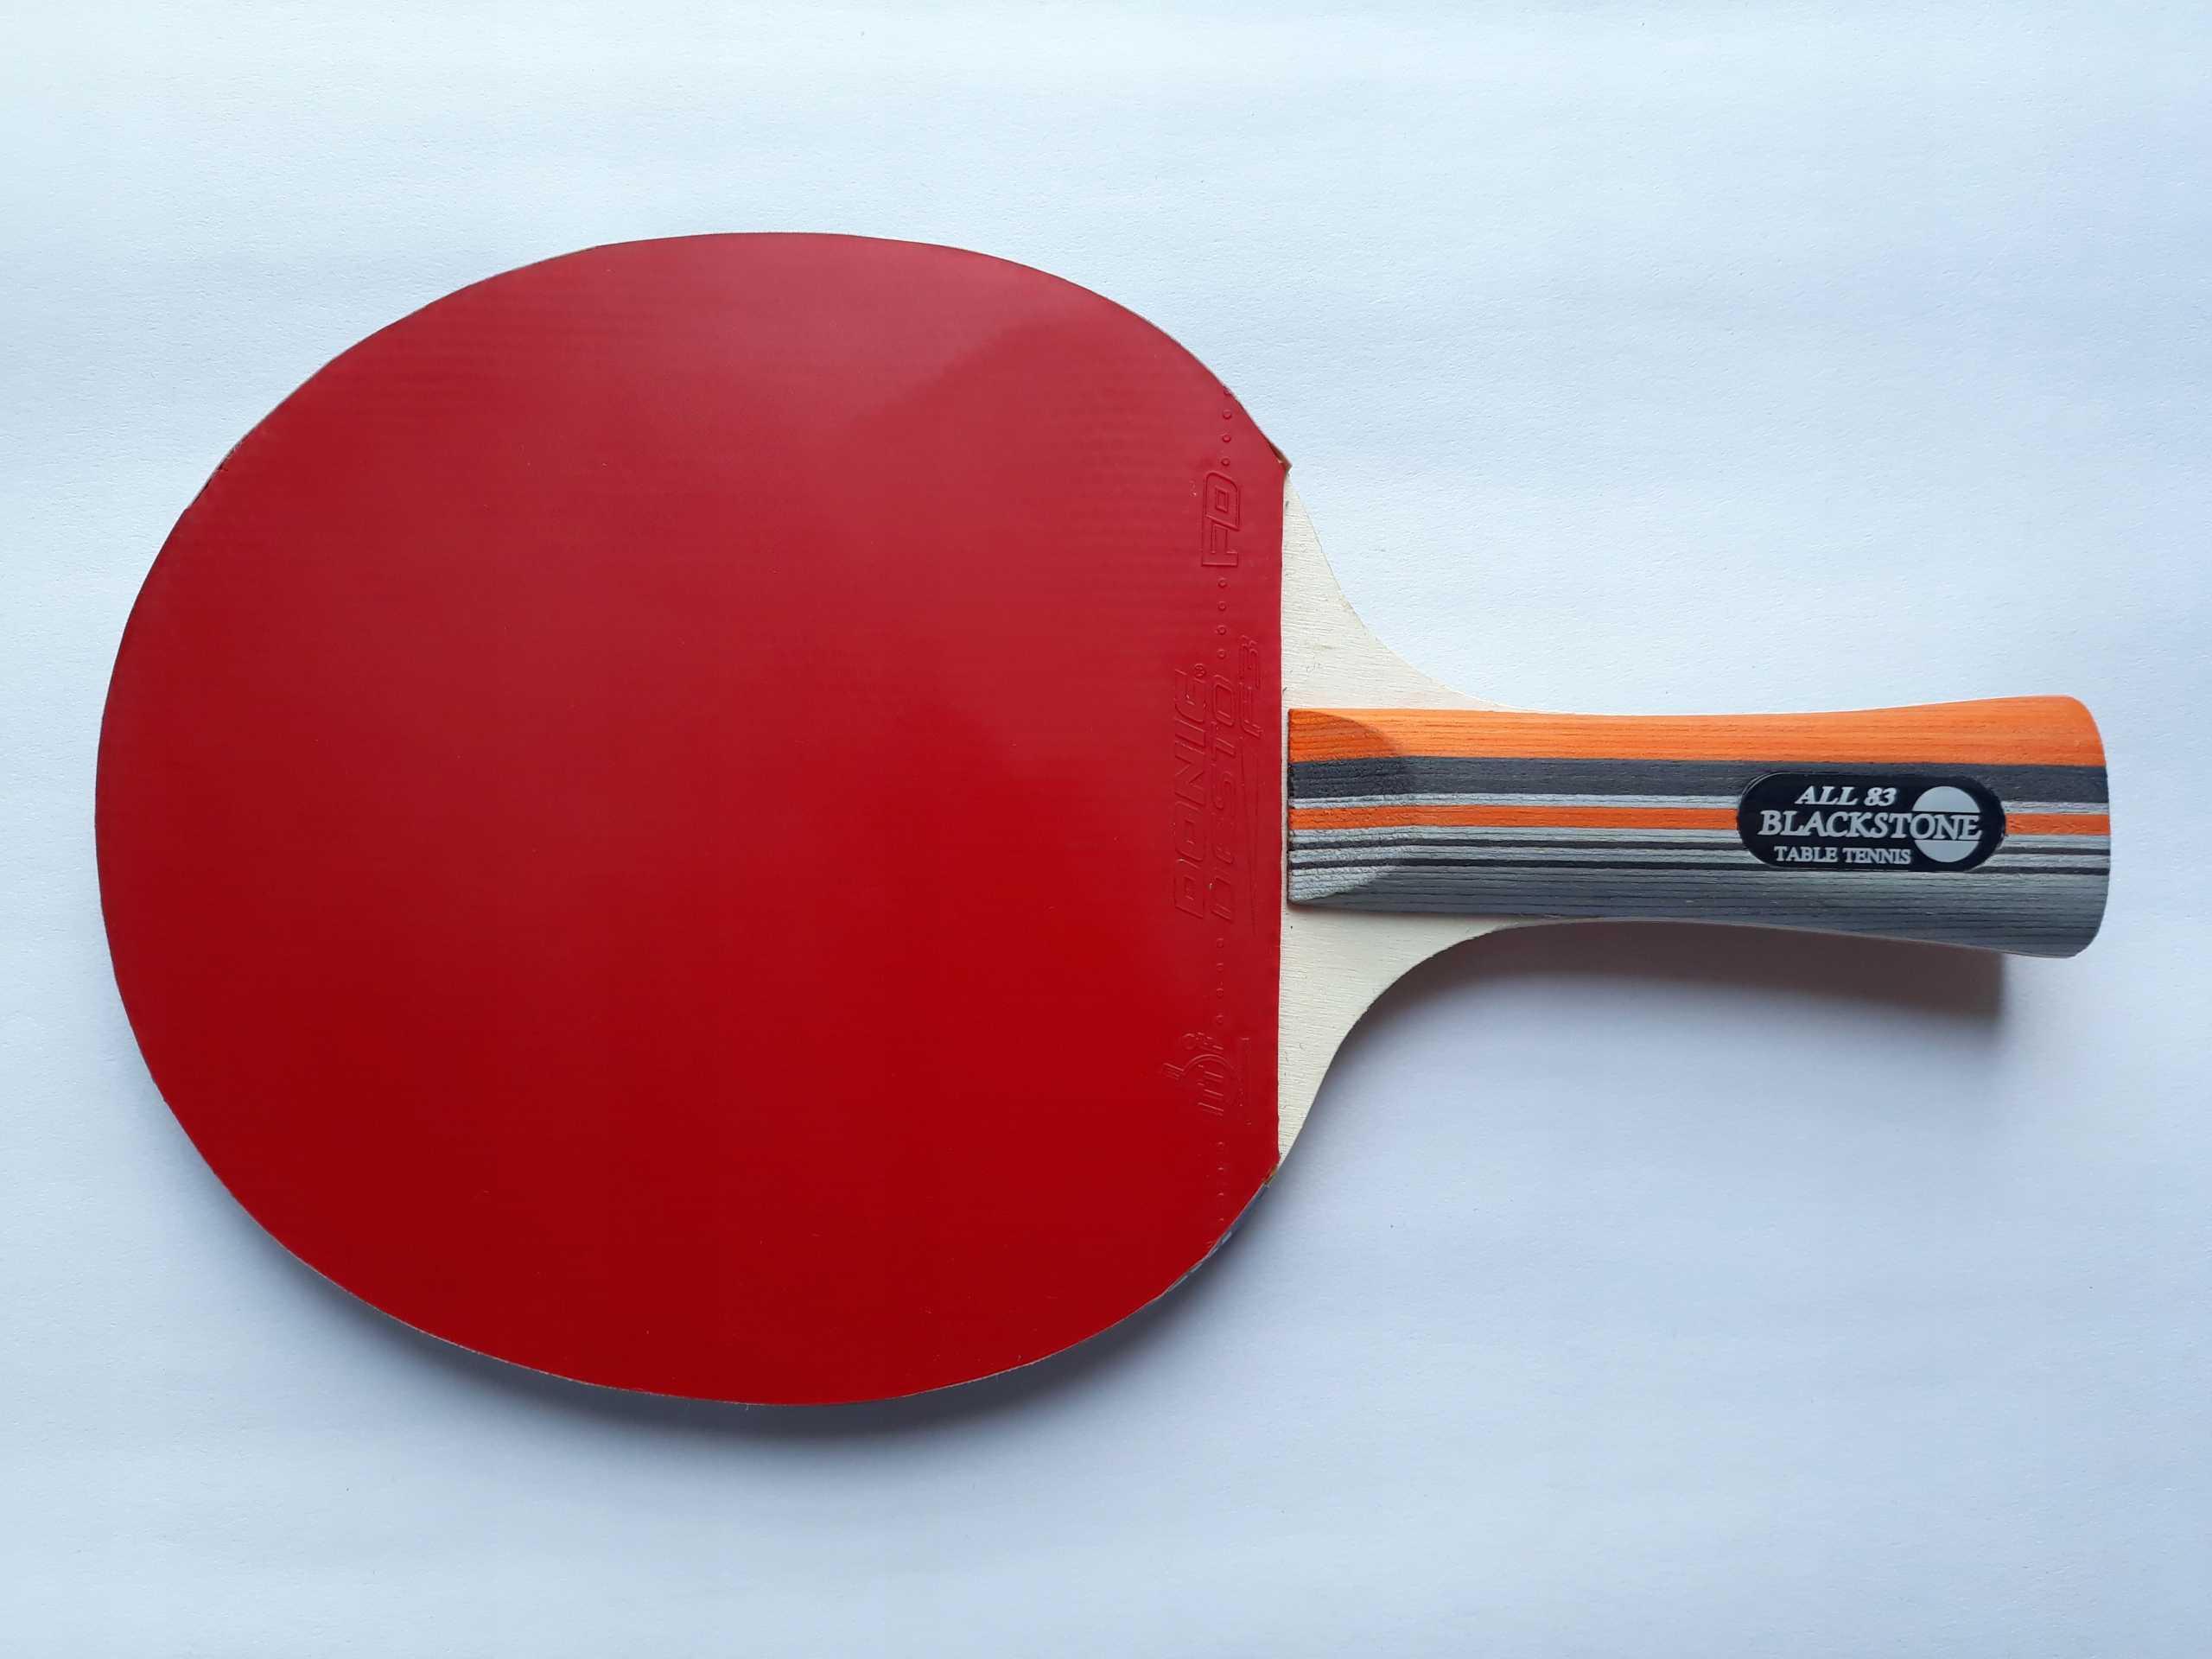 Топ-10 лучших теннисных ракеток для большого тенниса